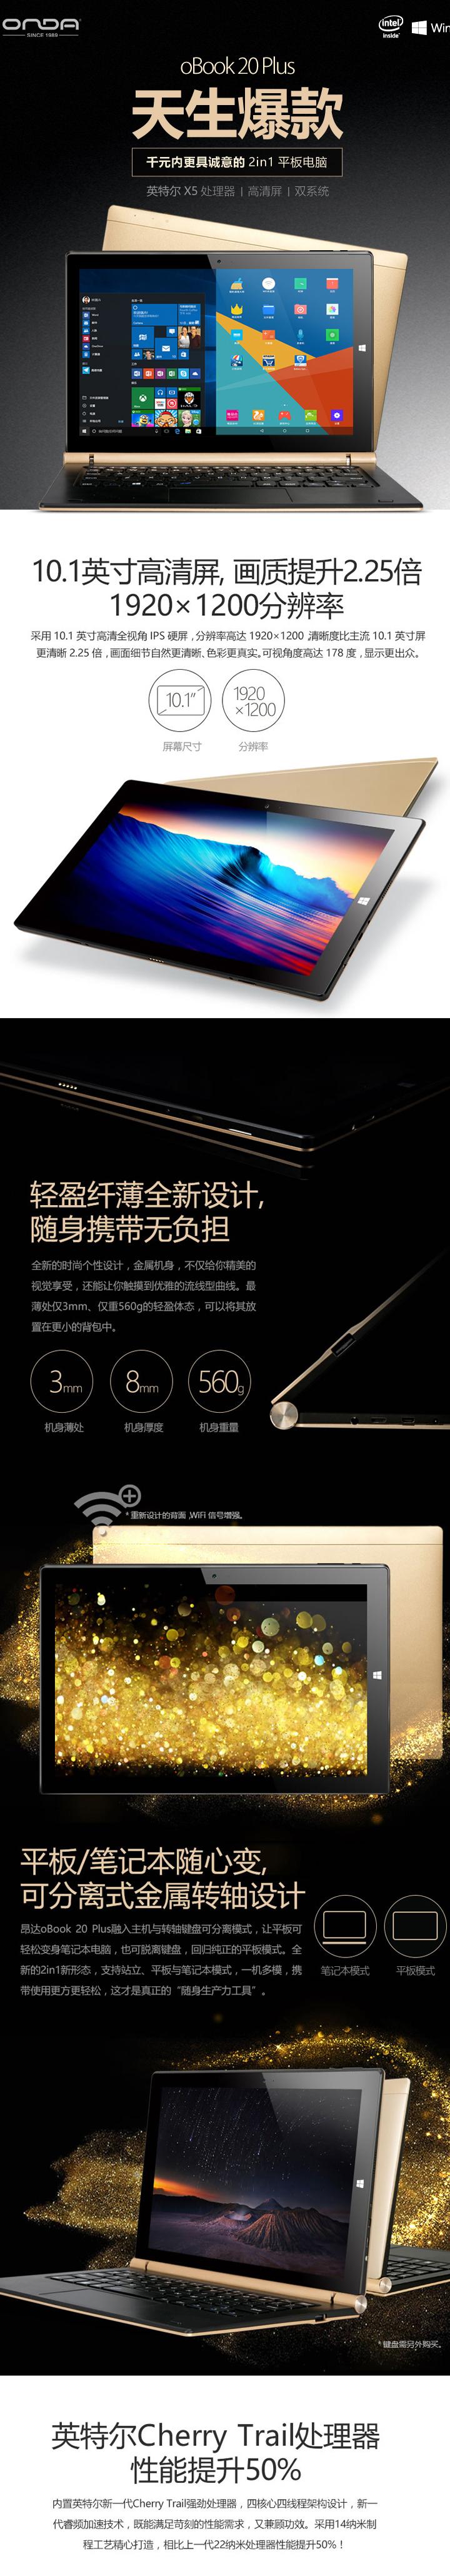 昂达oBook 20Plus平板电脑免费试用,评测